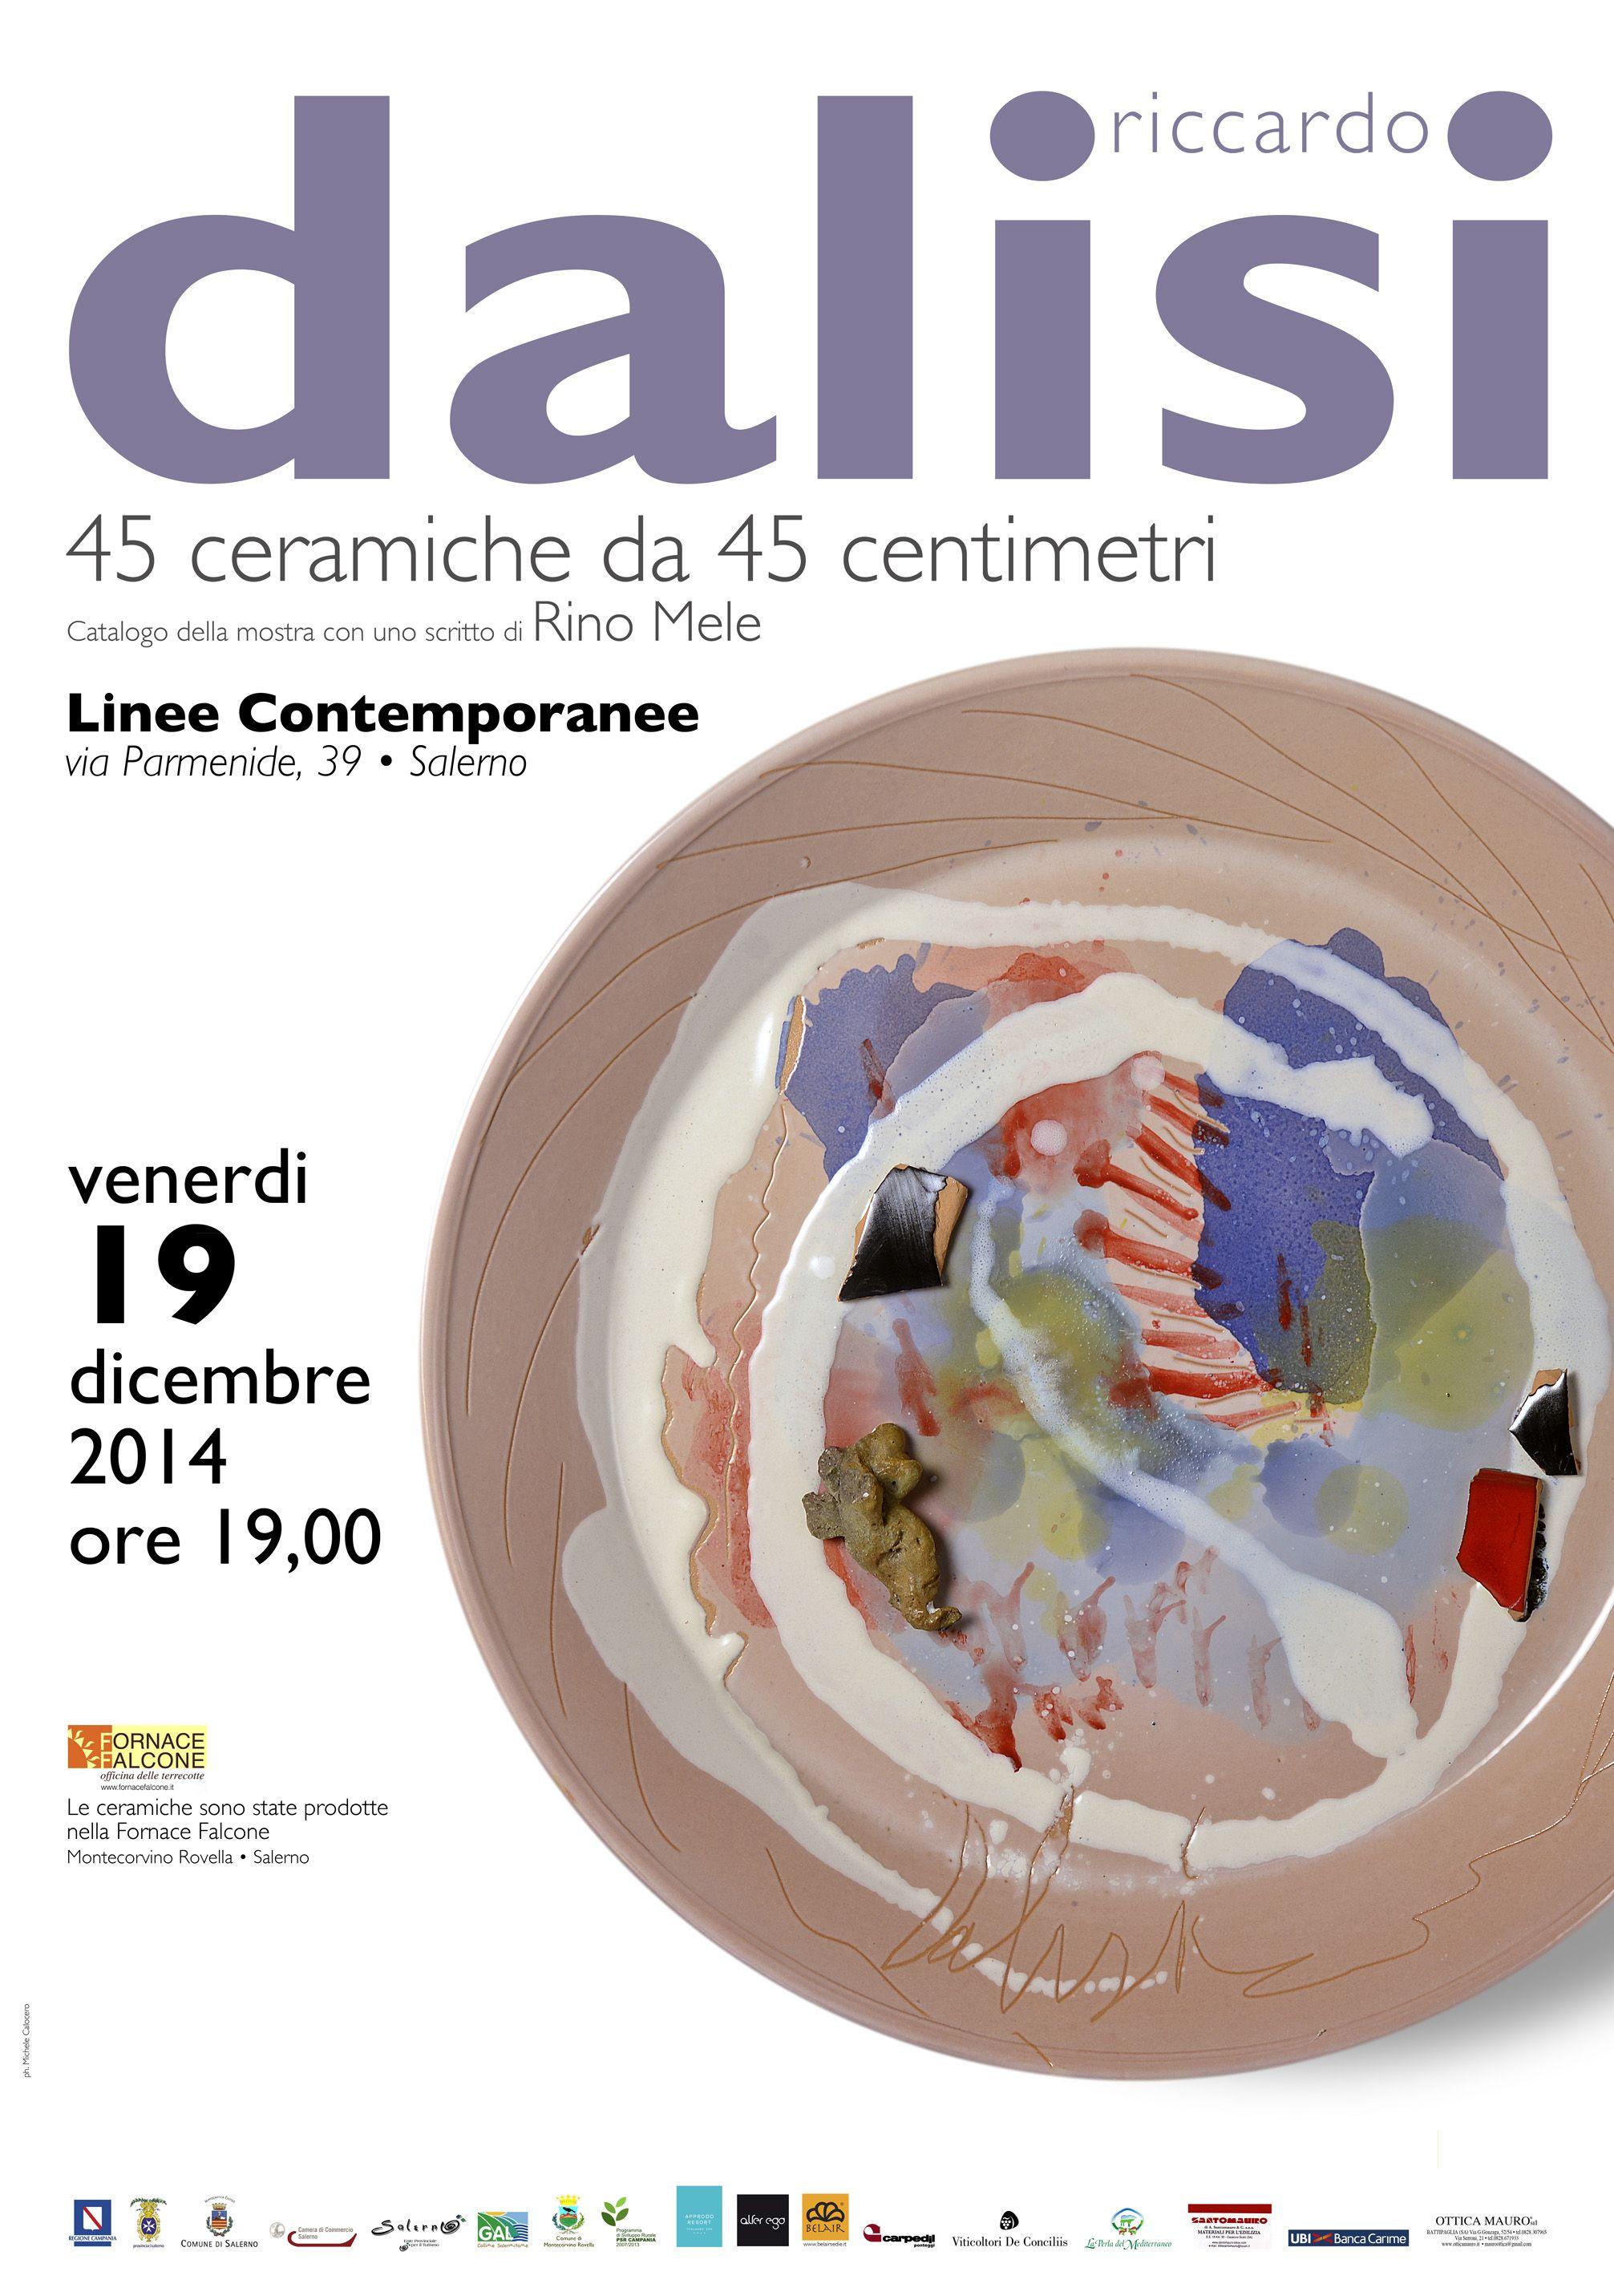 45 Ceramiche da 45 cm di Riccardo Dalisi – Linee Contemporanee ...